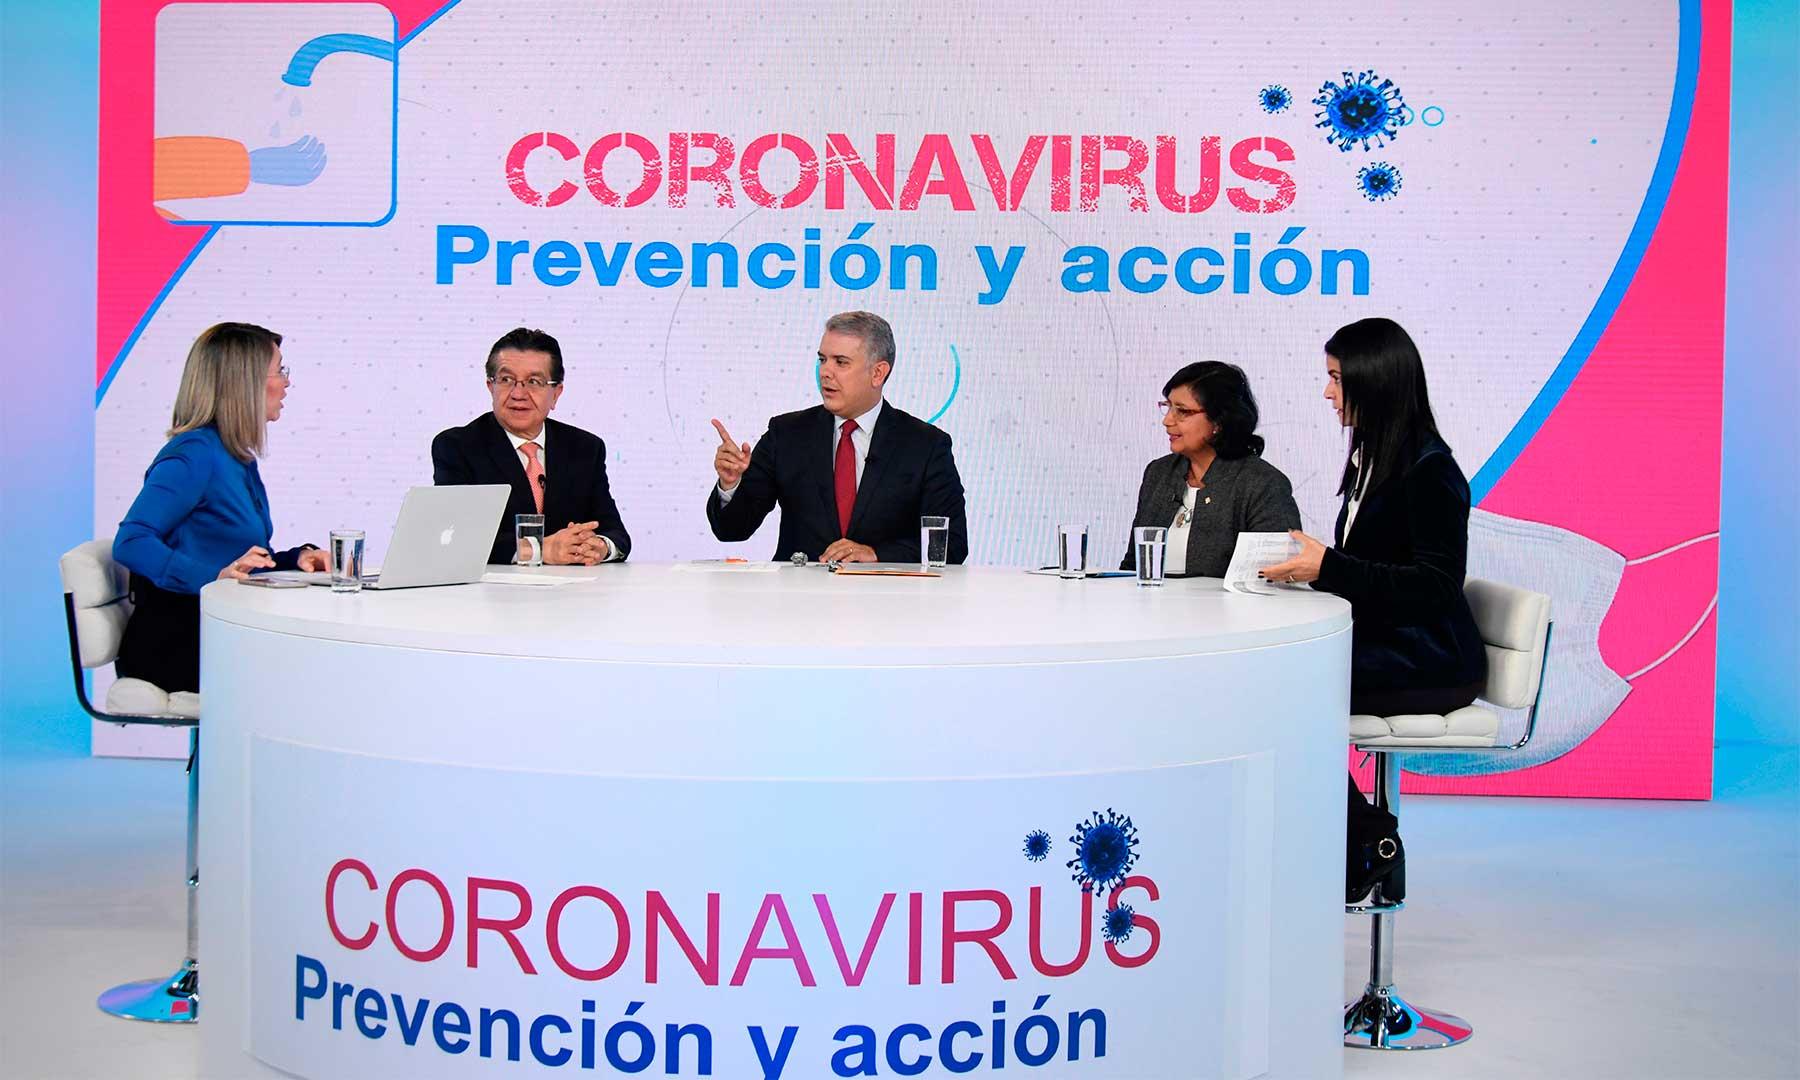 Opinión Duque y la política en tiempos del COVID-19 - 200312-04-Coronavirus-prevencion-accion-1800